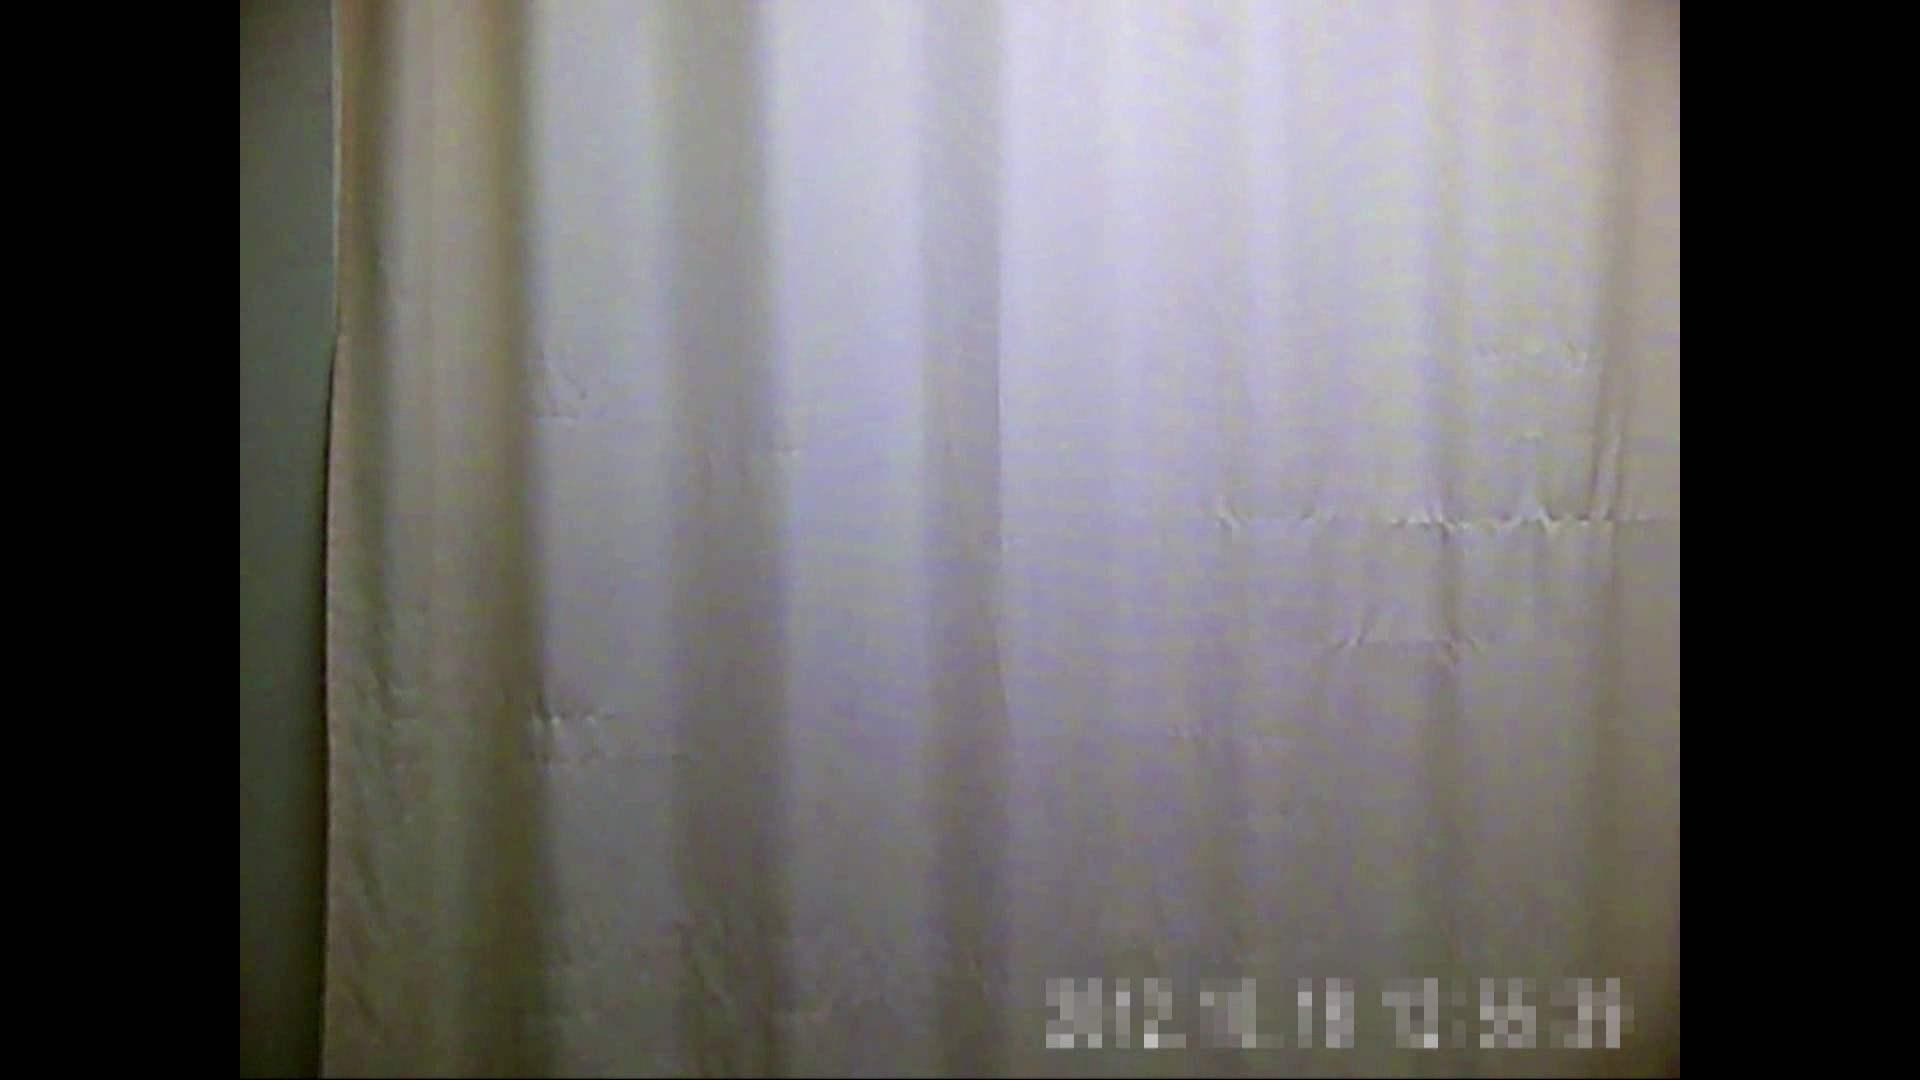 病院おもいっきり着替え! vol.243 乳首ポロリ 盗み撮りAV無料動画キャプチャ 86画像 75